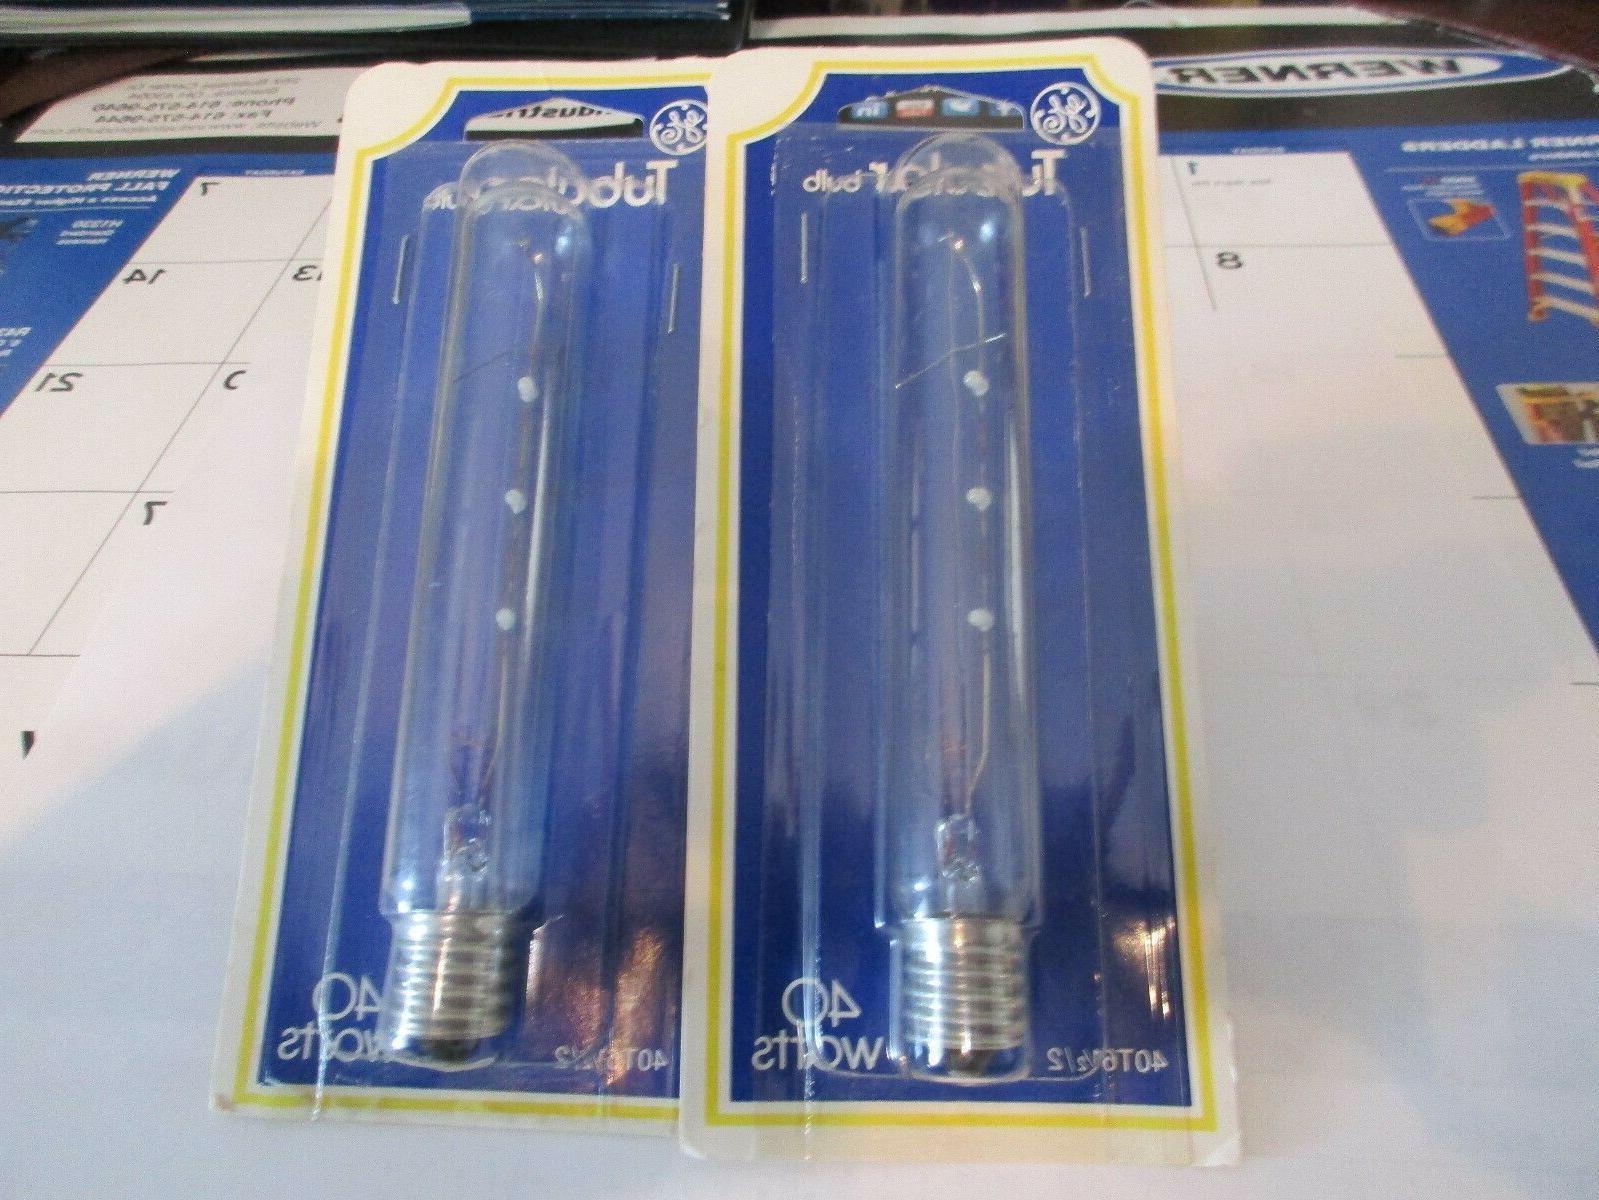 GE 40 Watt & 20 Watt Tubular bulbs Pcs.